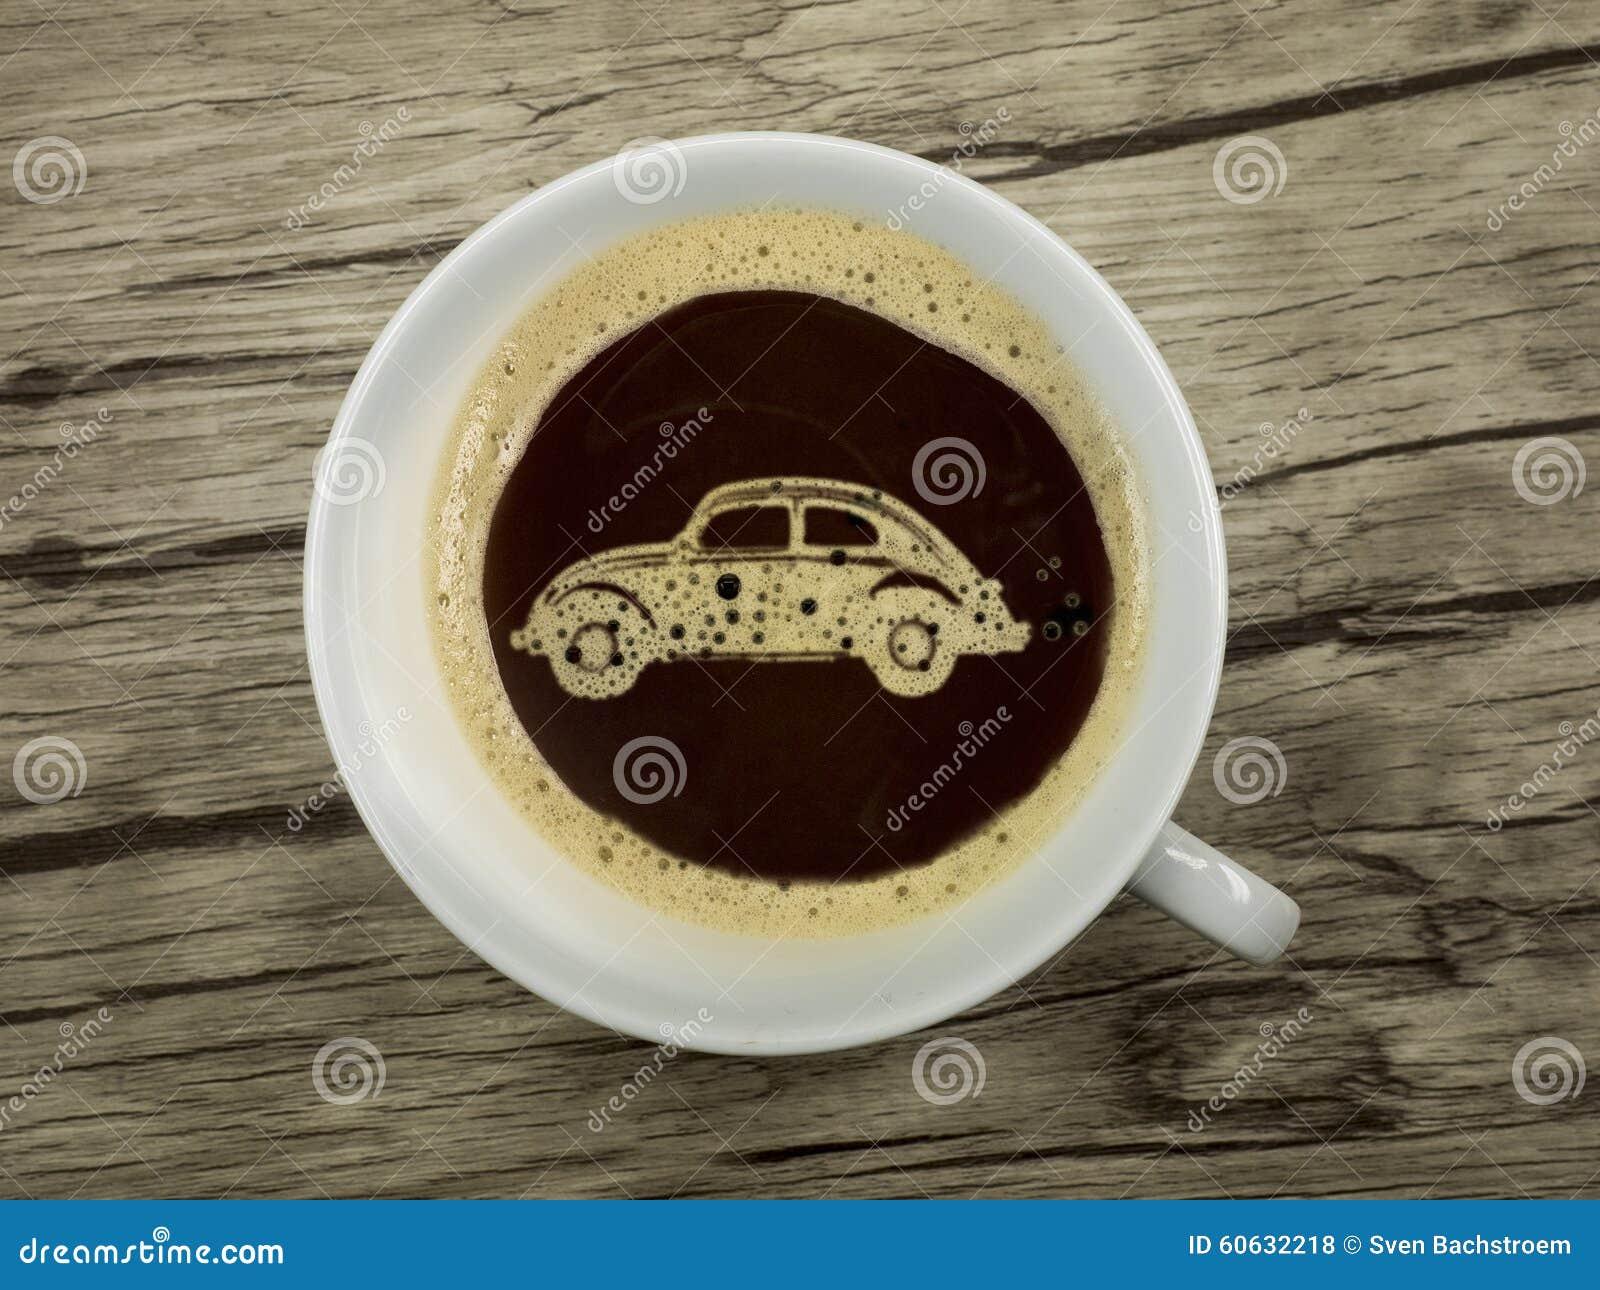 Autohändler bietet Kaffee an